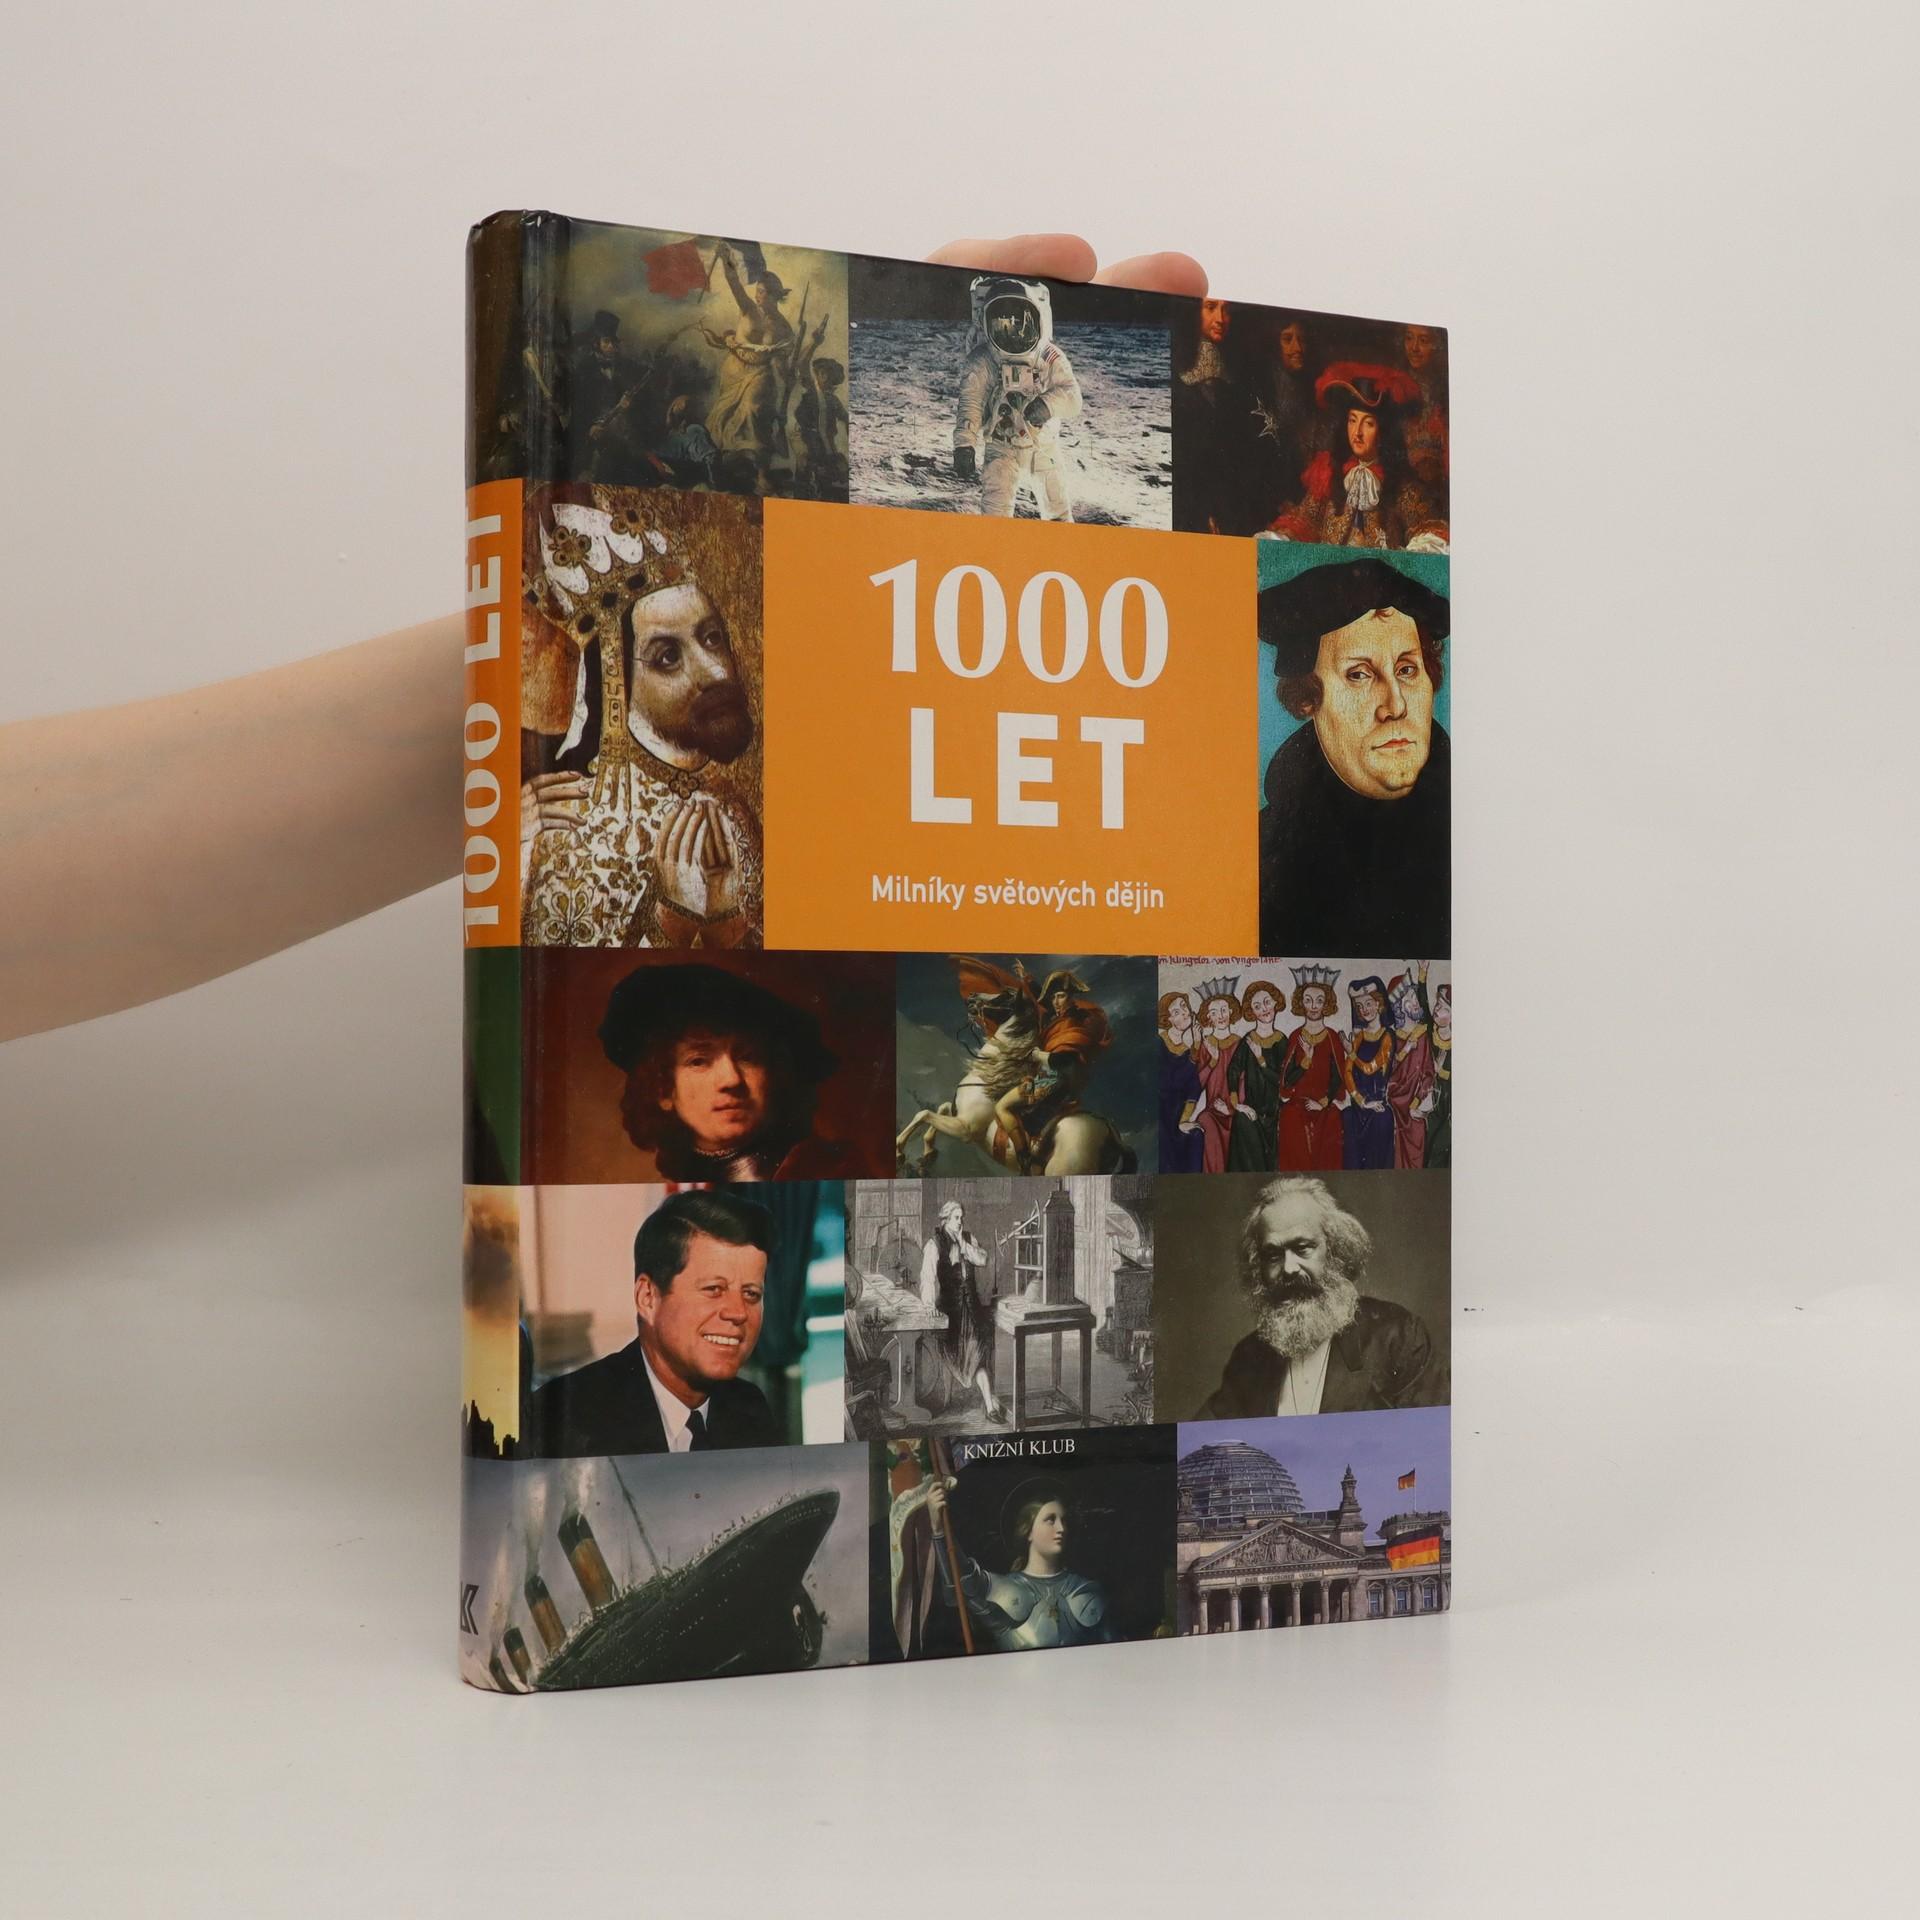 antikvární kniha 1000 let. Milníky světových dějin, 2008